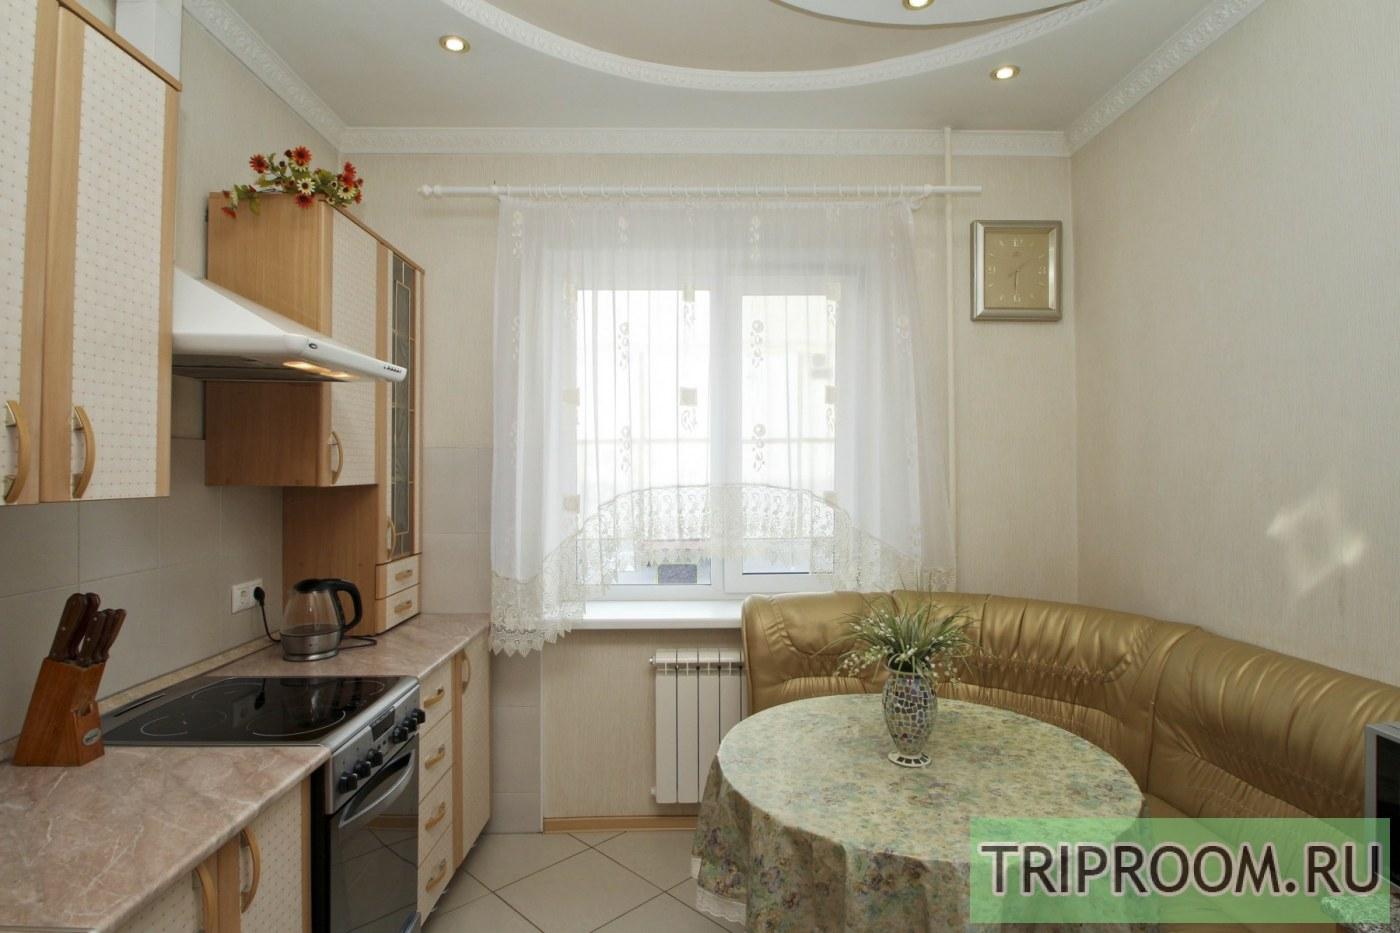 2-комнатная квартира посуточно (вариант № 37514), ул. Дзержинского улица, фото № 7